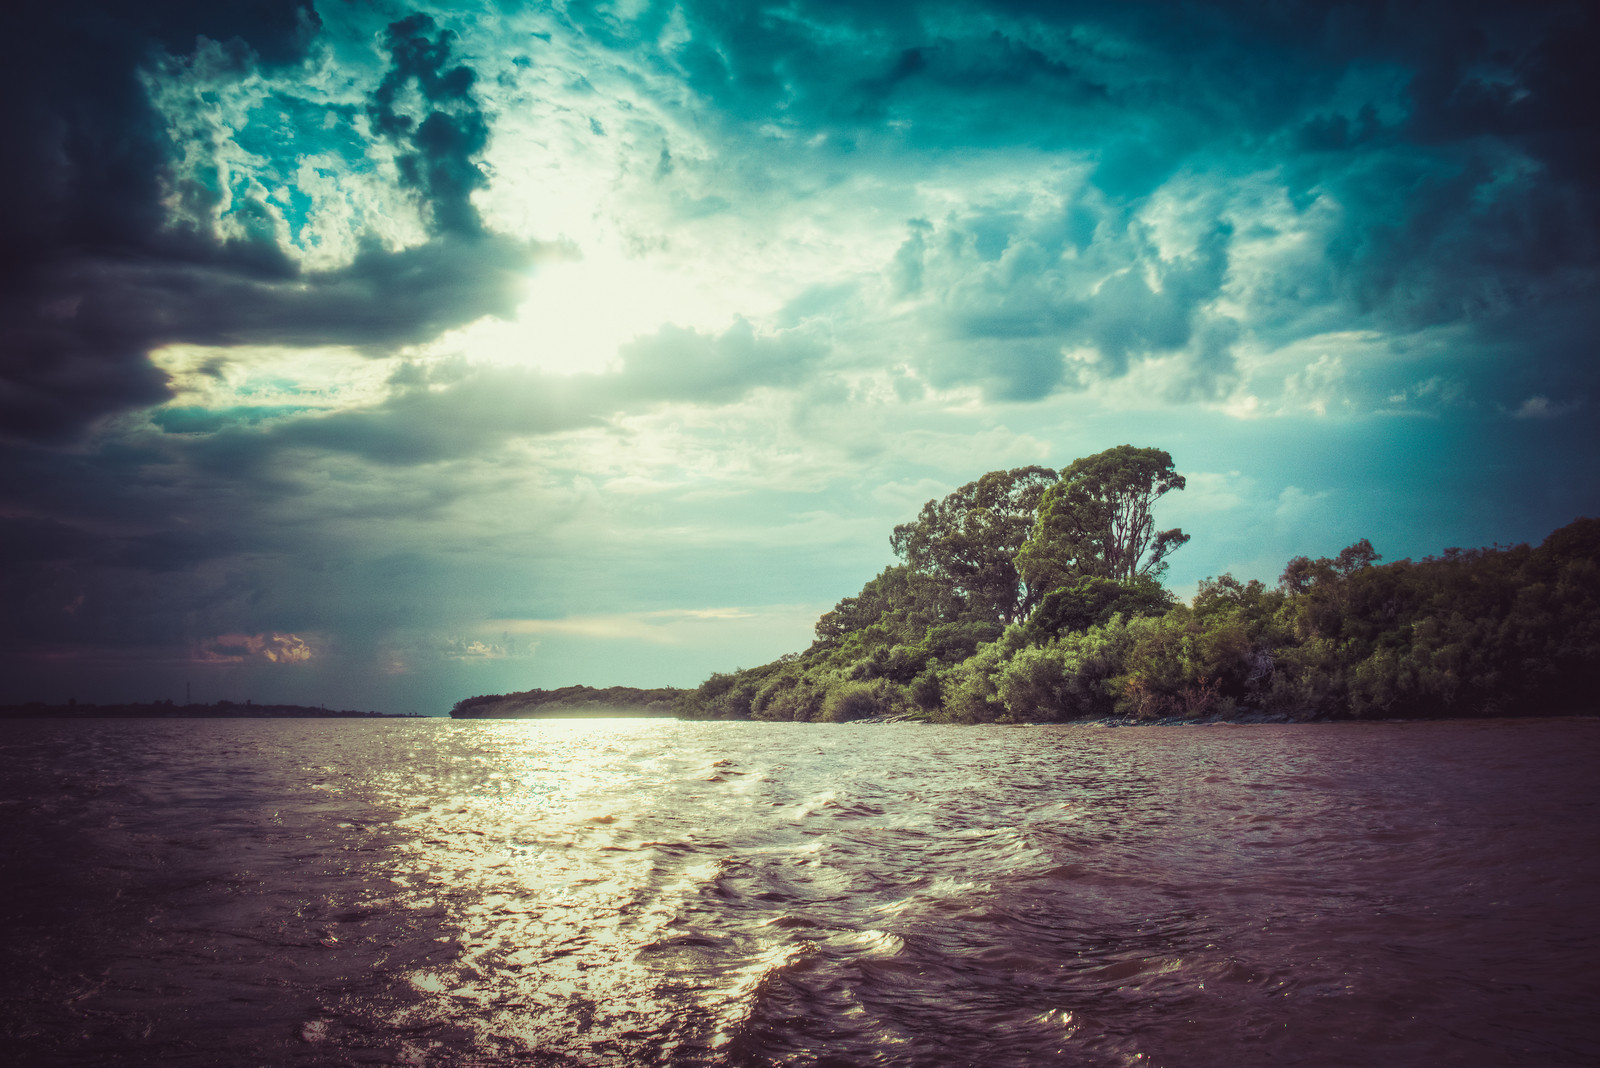 Fotografías exclusivas de la isla San Gabriel por Fefo Bouvier